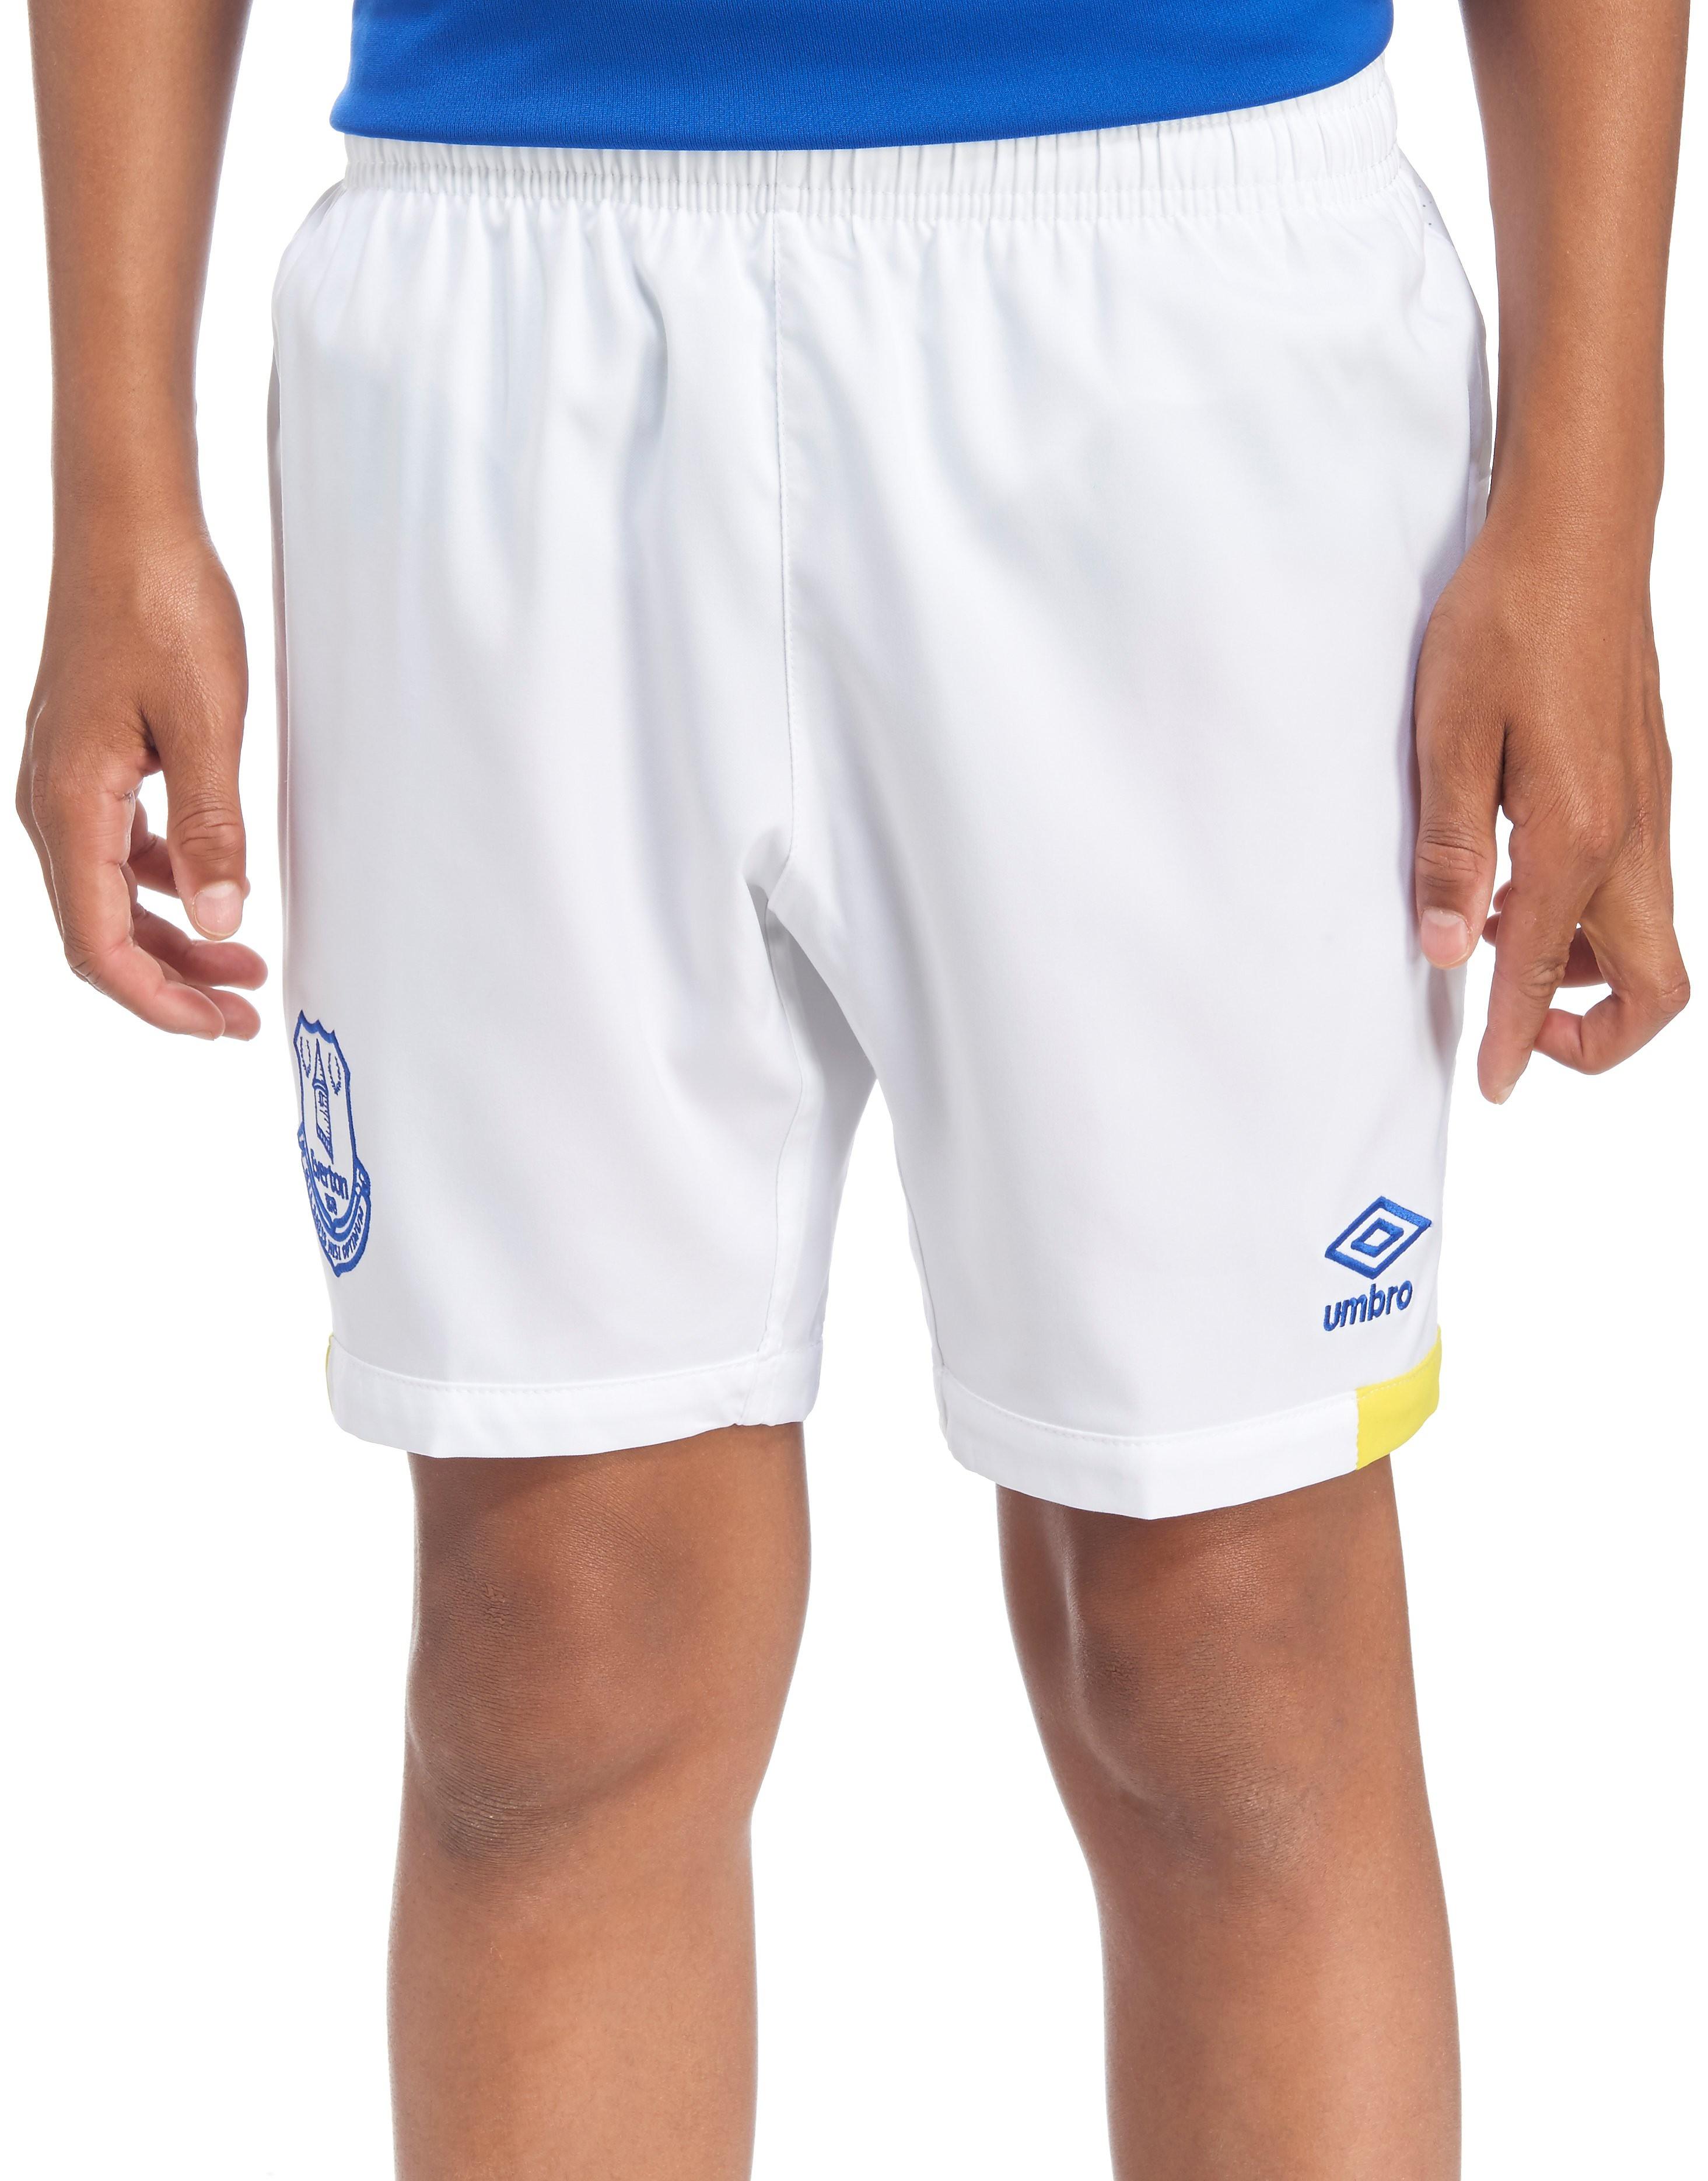 Umbro Everton FC 2016/17 Home Shorts Junior